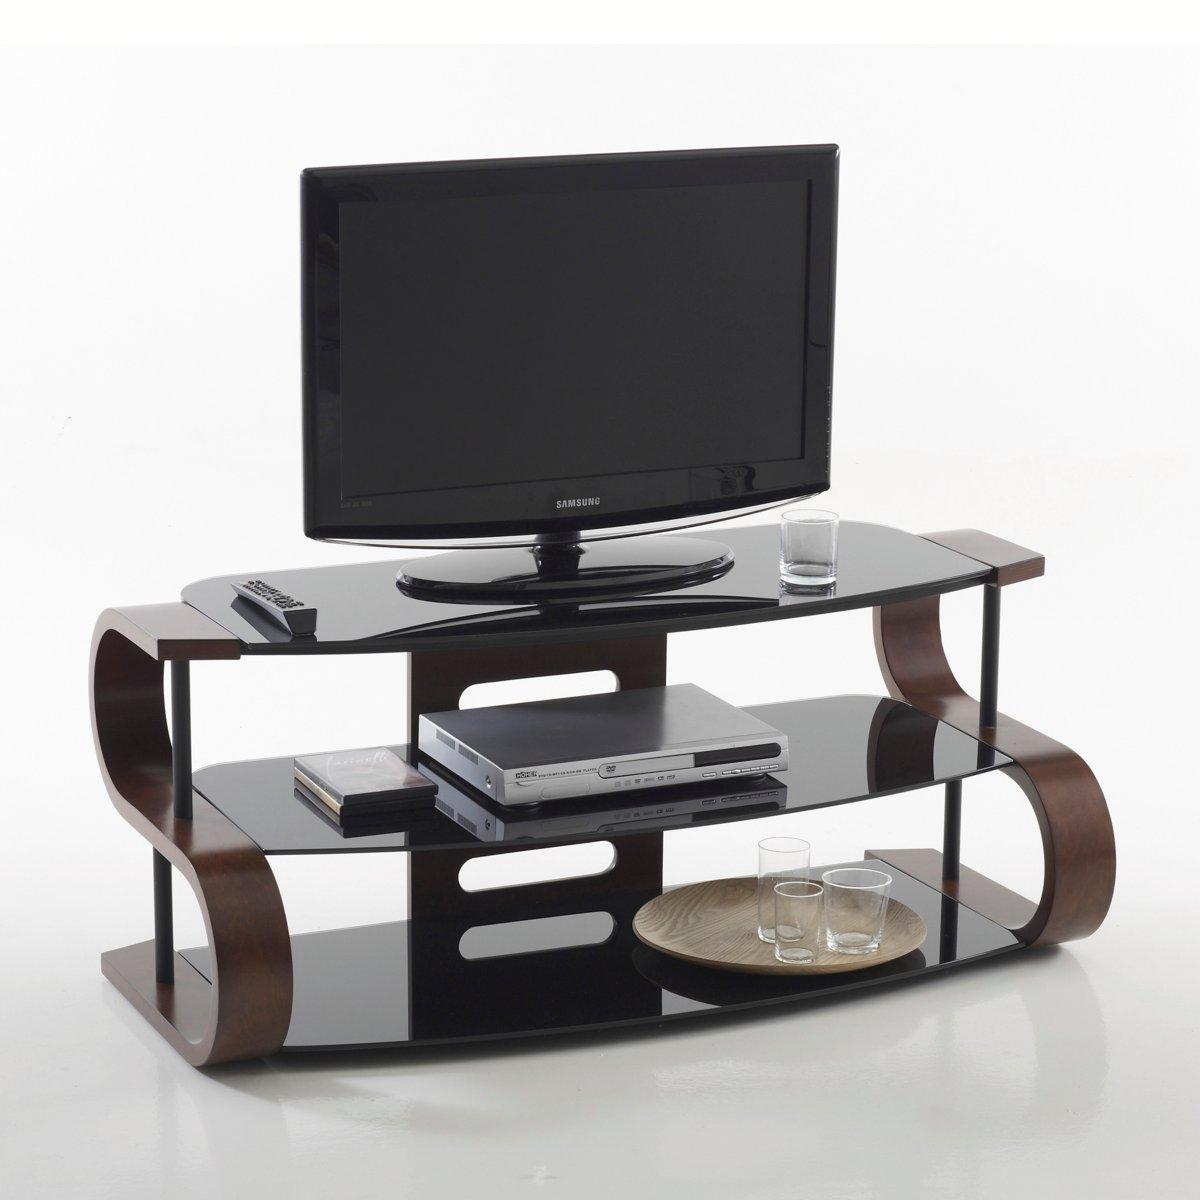 Meuble tv la redoute meuble tv cran jusqu 39 132 cm autre ventes pas - La redoute meuble tv ...